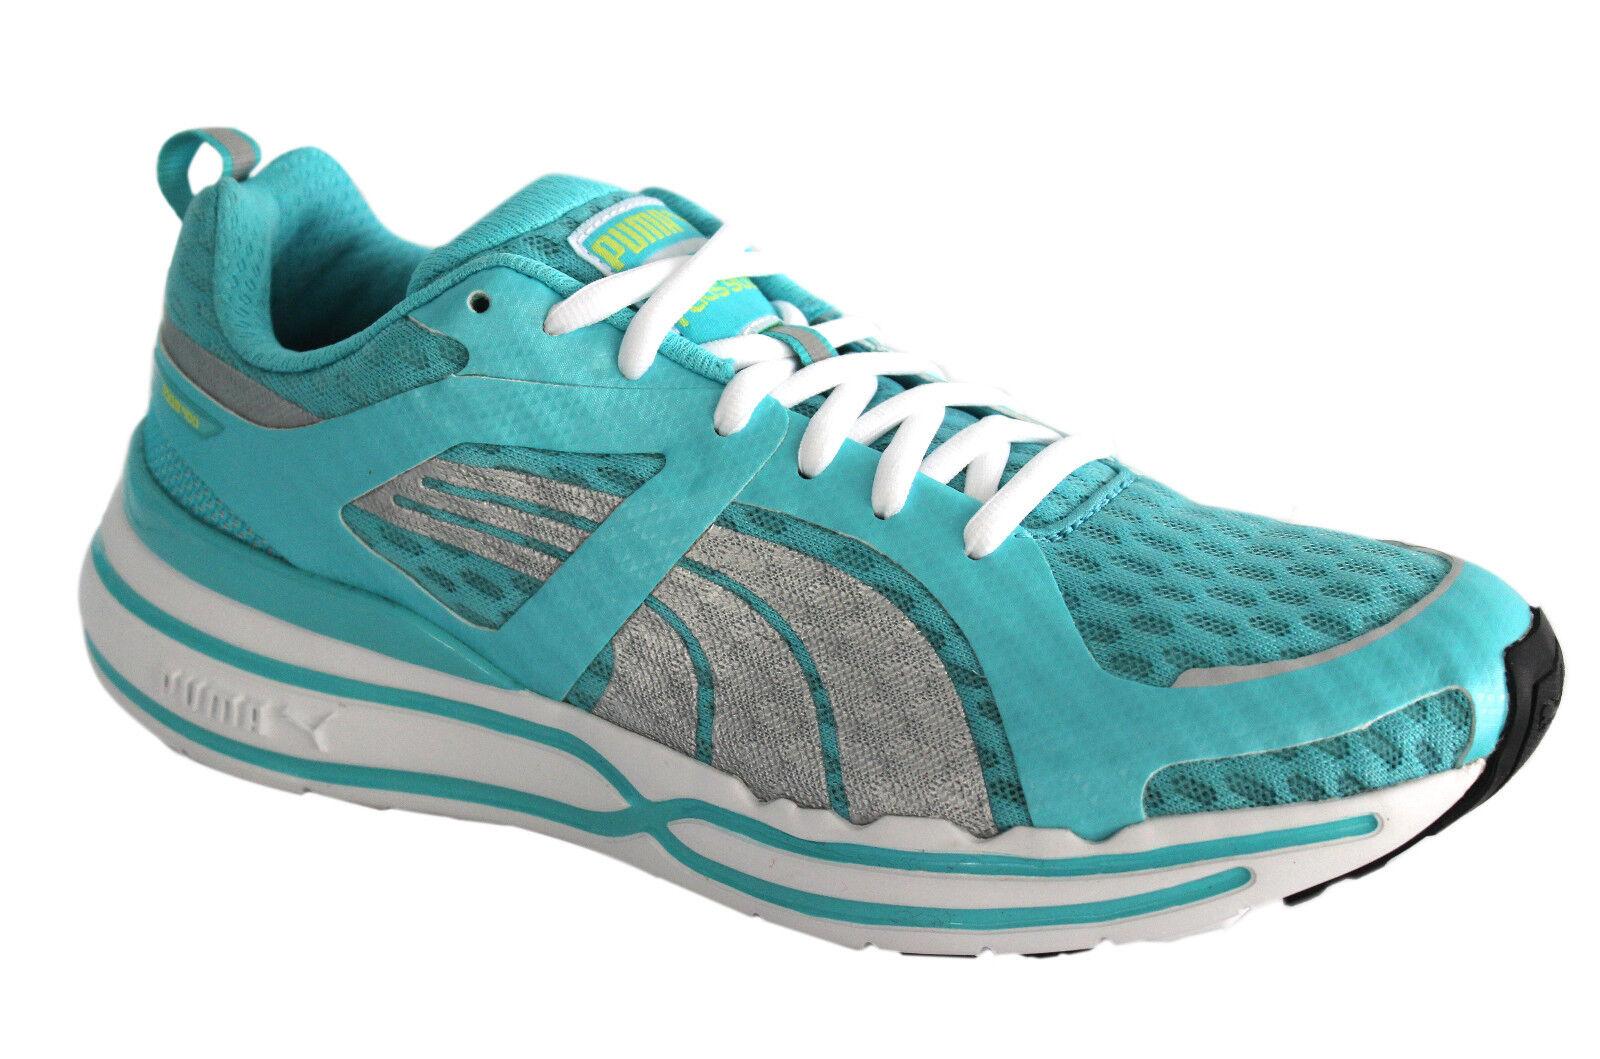 Puma Faas 900 Mujer Azul Zapatillas para Running con 01 Malla y Cordones (186864 01 con 454fe5